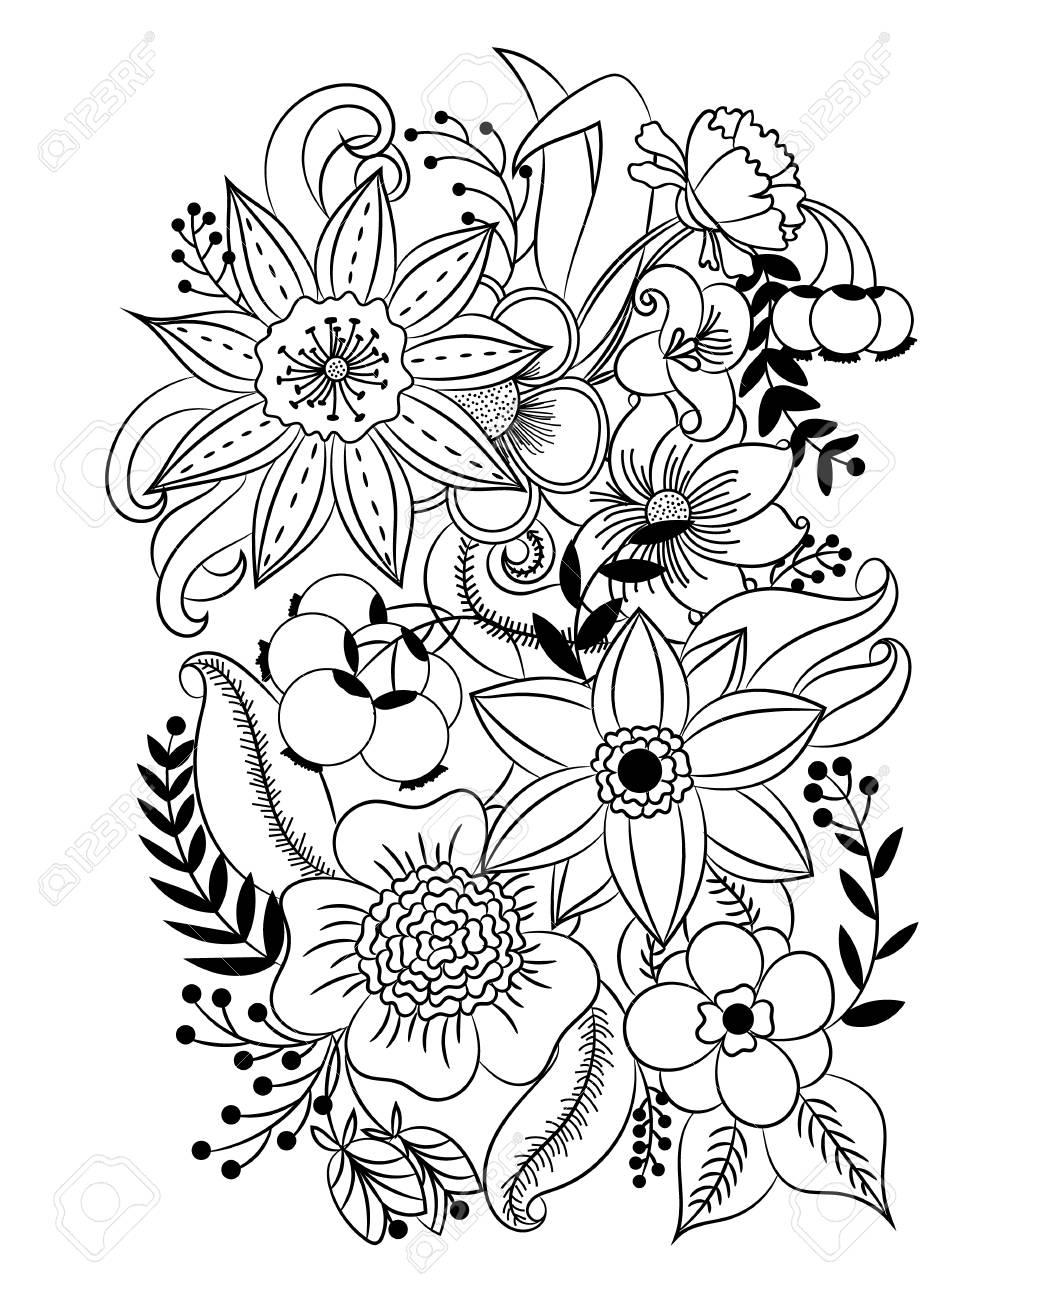 Dibujo Para Colorear Con Flores Y Hojas Blanco Y Negro Patrón De Ilustración Vectorial Se Puede Utilizar Para La Coloración De Las Páginas Del